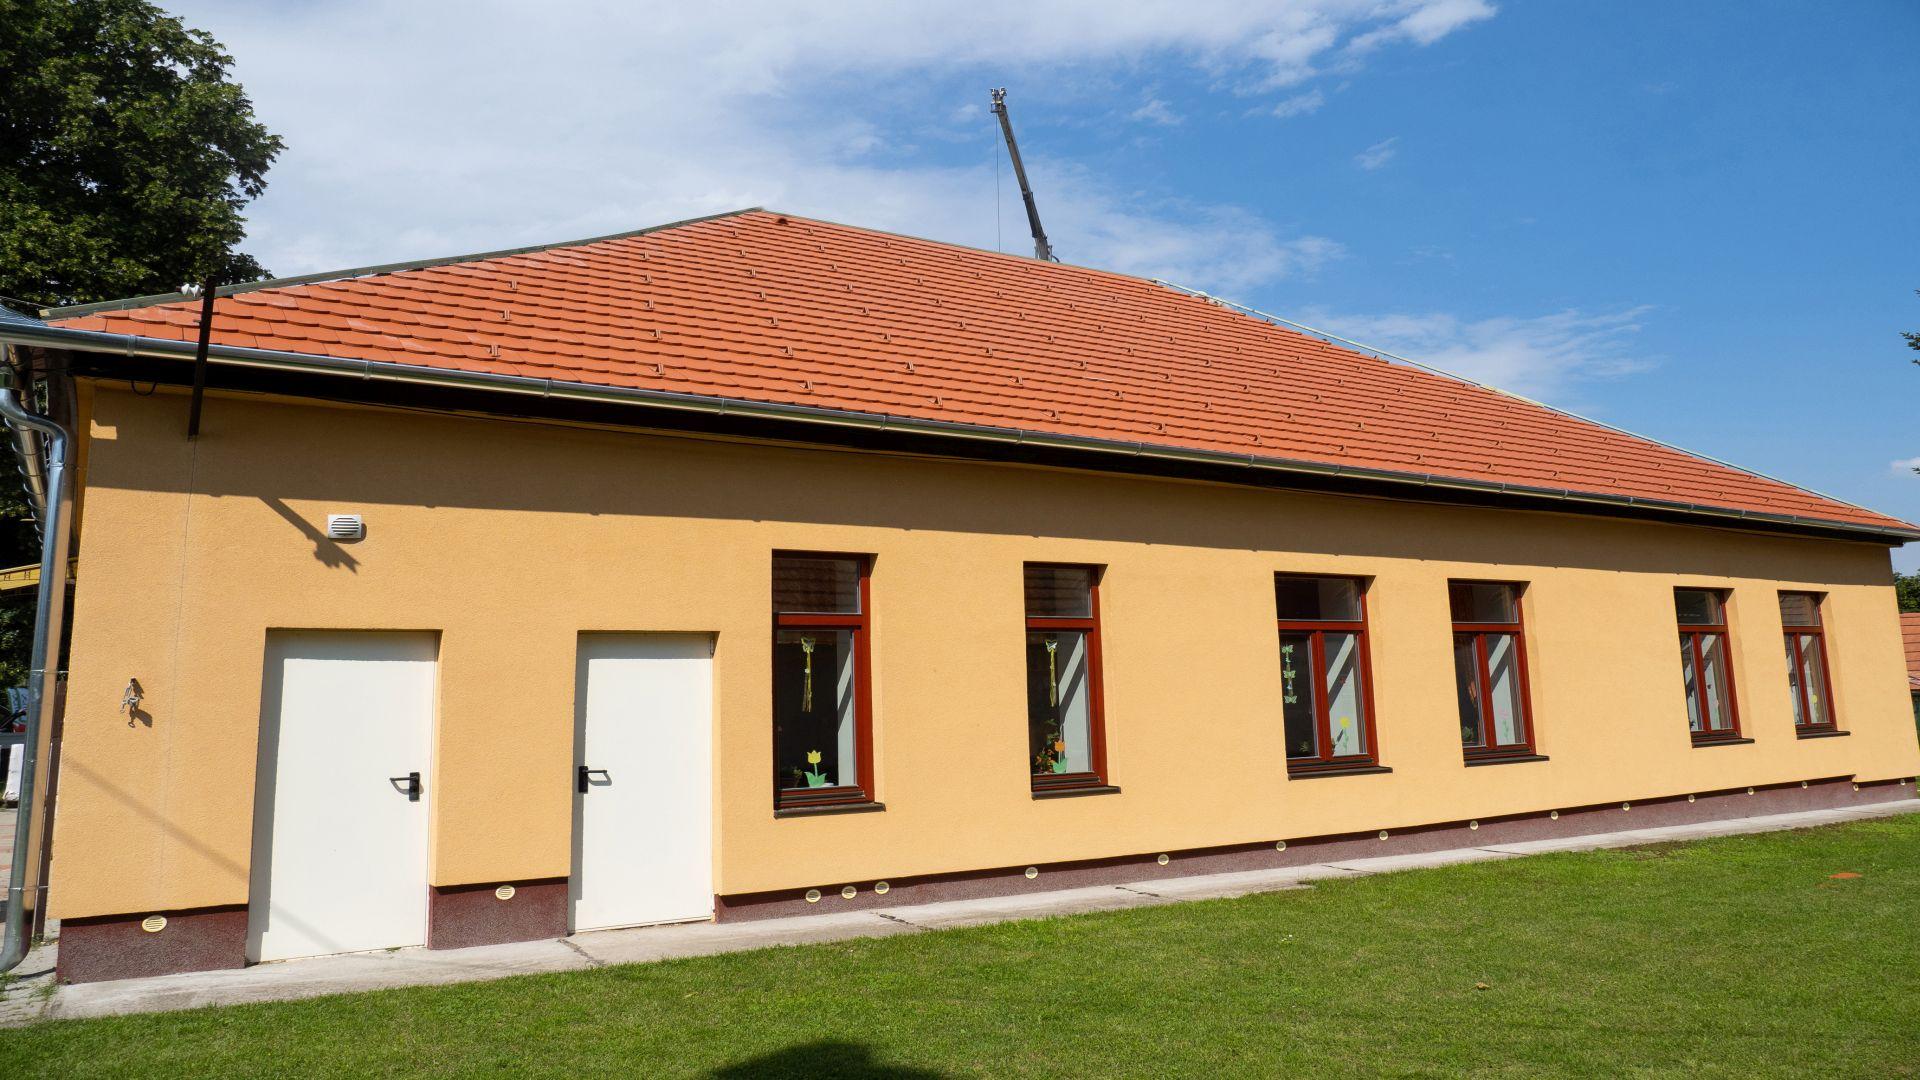 Terrán tetőcseréppel felújított tetőszerkezet